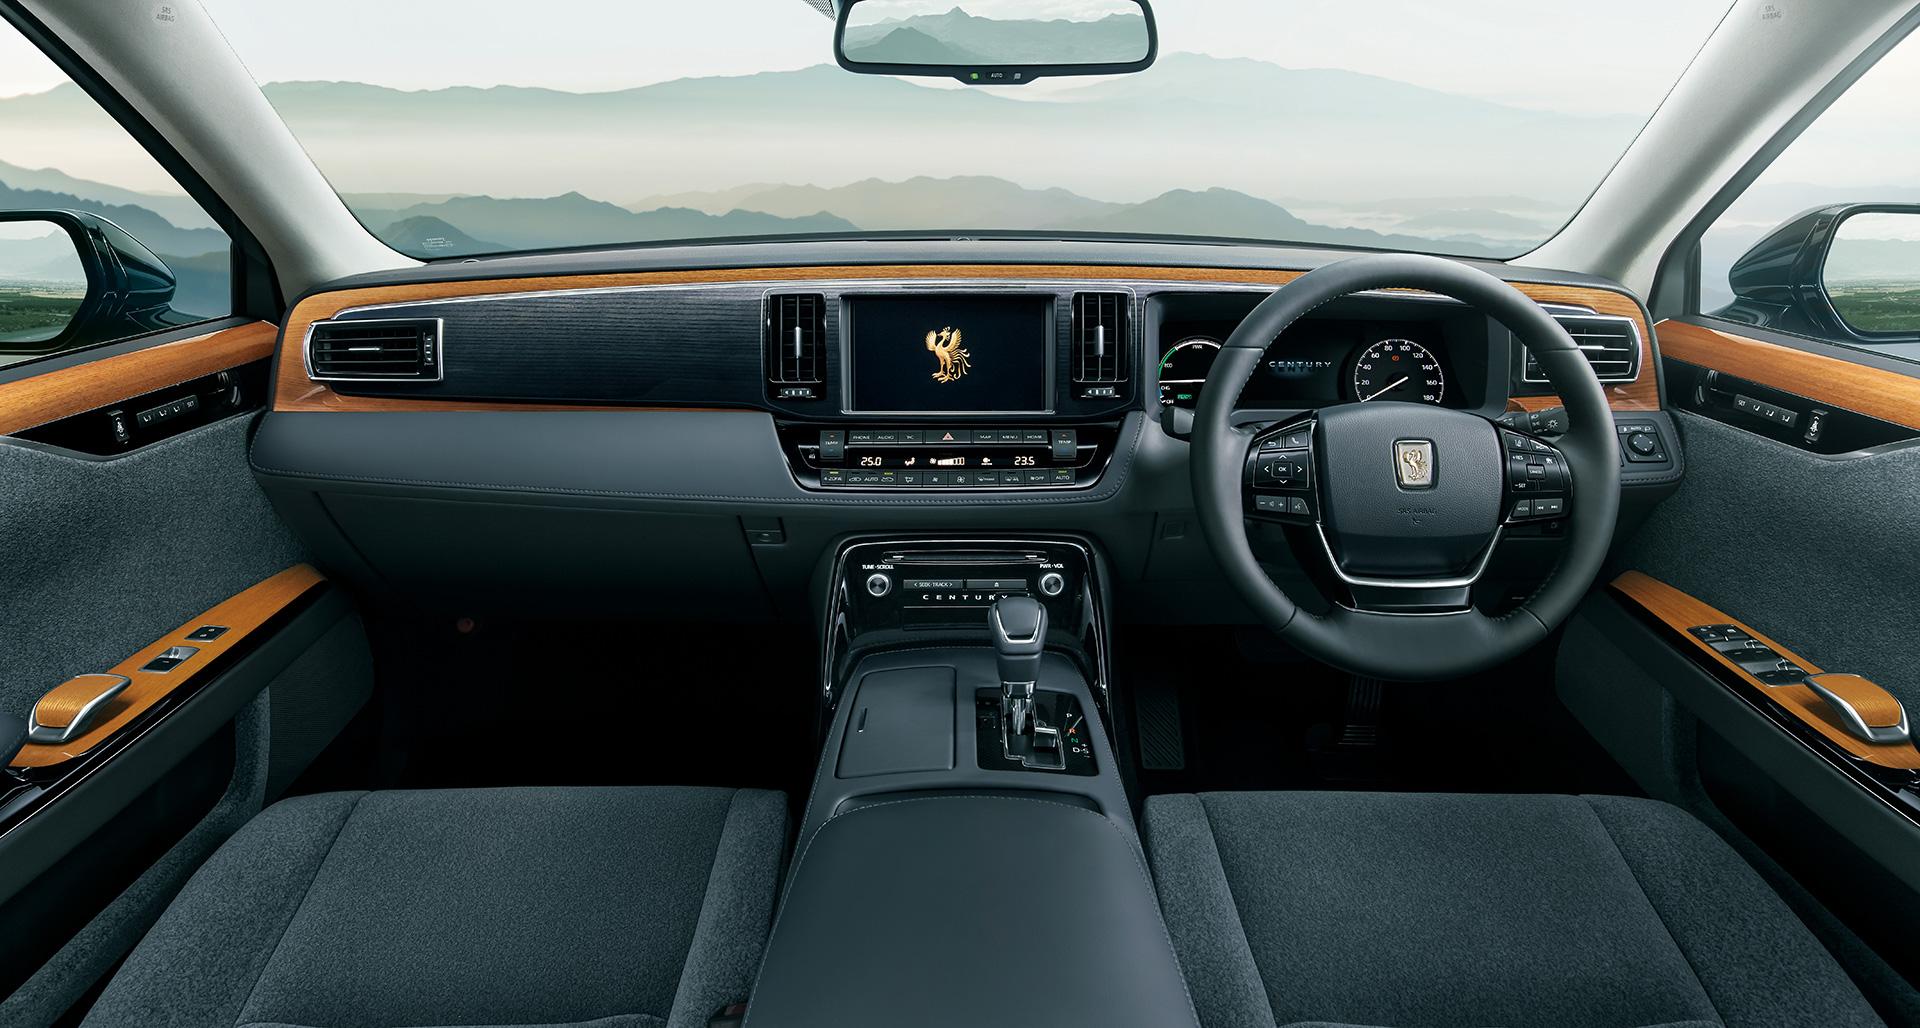 「【新車】新型トヨタ・センチュリーの快適性と「折り上げ天井様式」を採用した天井に注目」の13枚目の画像